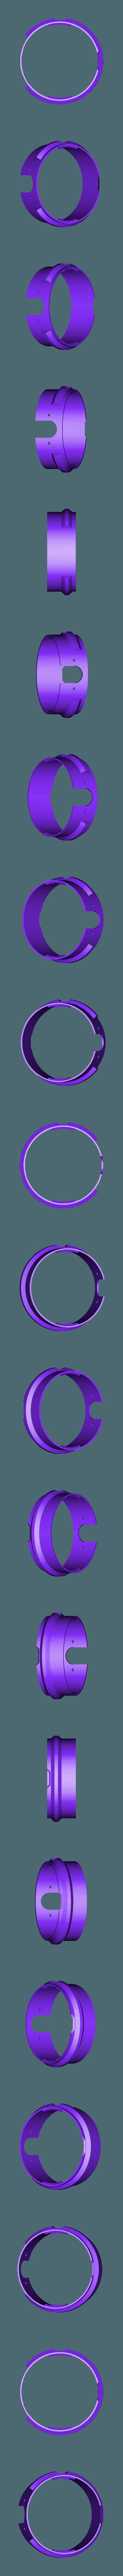 dice-frame.stl Télécharger fichier STL gratuit Rouleau à dés motorisé • Objet pour impression 3D, Adafruit